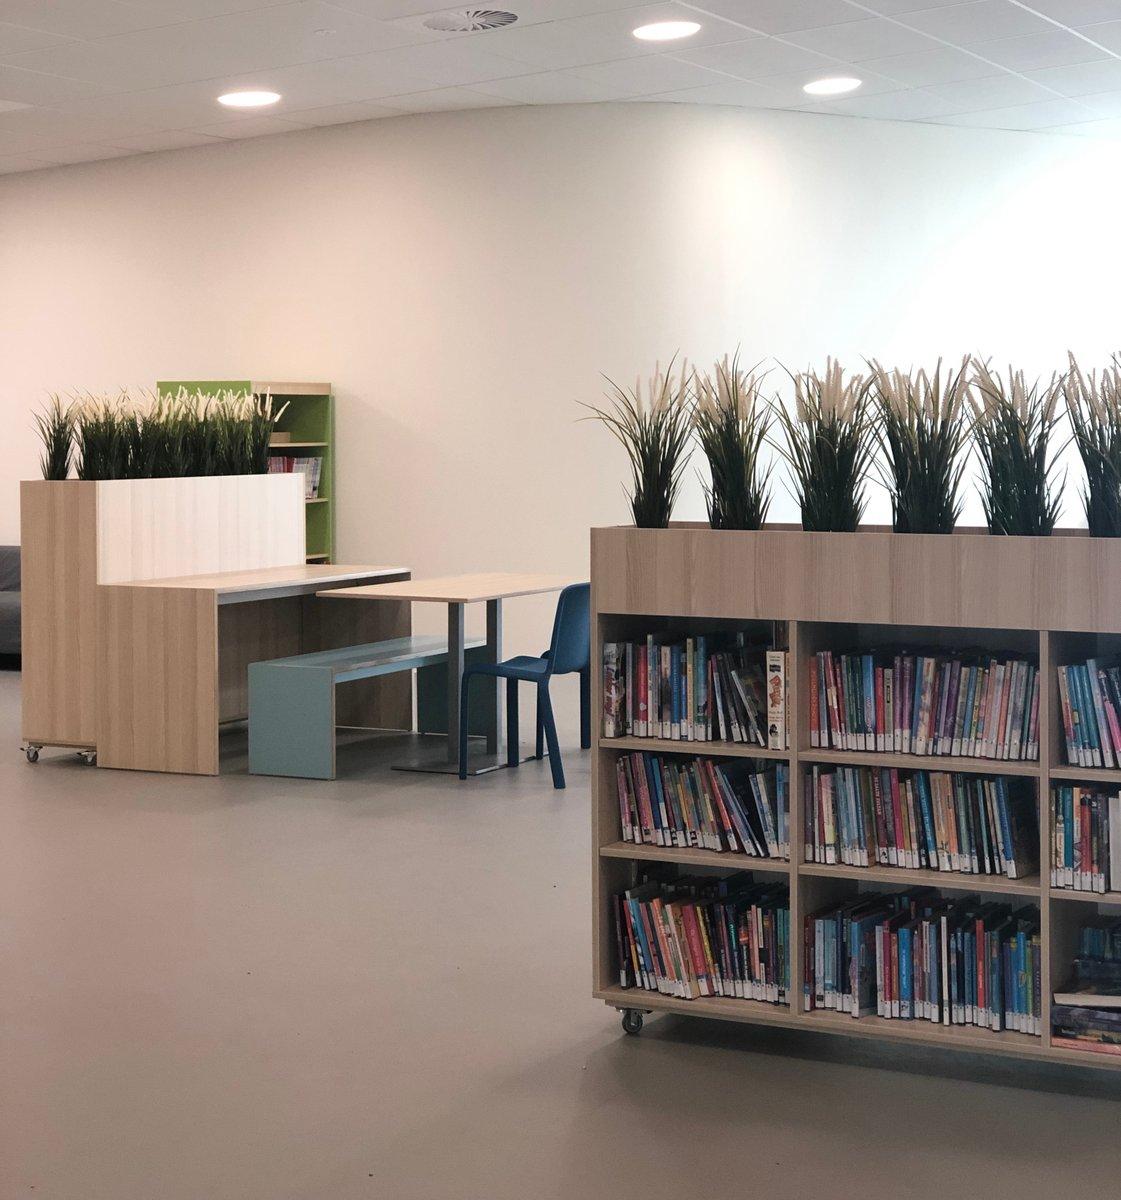 test Twitter Media - Een boekje pakken en daarna meteen een plekje om te kunnen lezen, ideaal nu tijdens de kinder boeken week. Dat gaat makkelijk bij 't Groenland!  #straxs #inrichtenmetoogopdetoekomst #interieur #meubilairopmaat #uitgelicht #school #kinderboekenweek #2020 #lezen #boeken #Groenland https://t.co/ngDjc9g3Uo